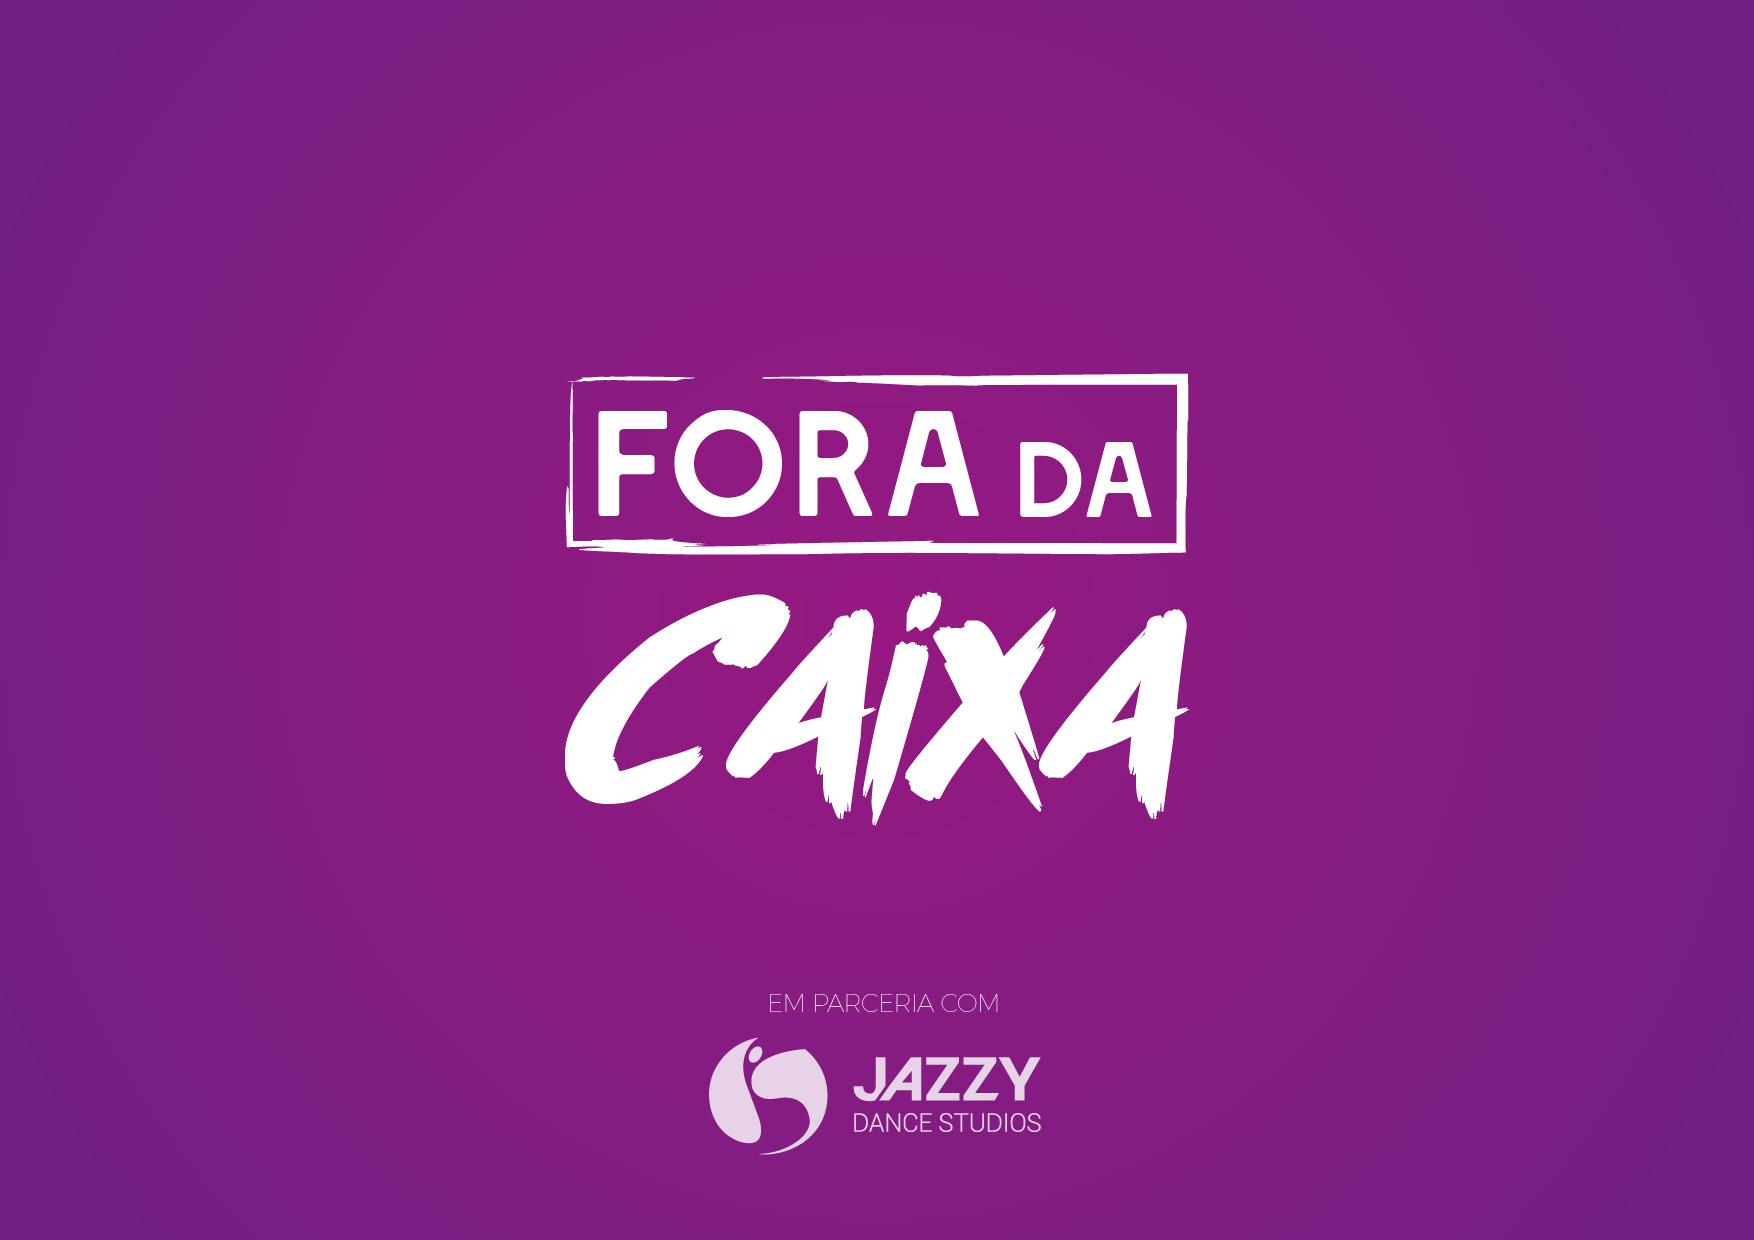 AP_Fora da Caixa_v1_Intro.jpg